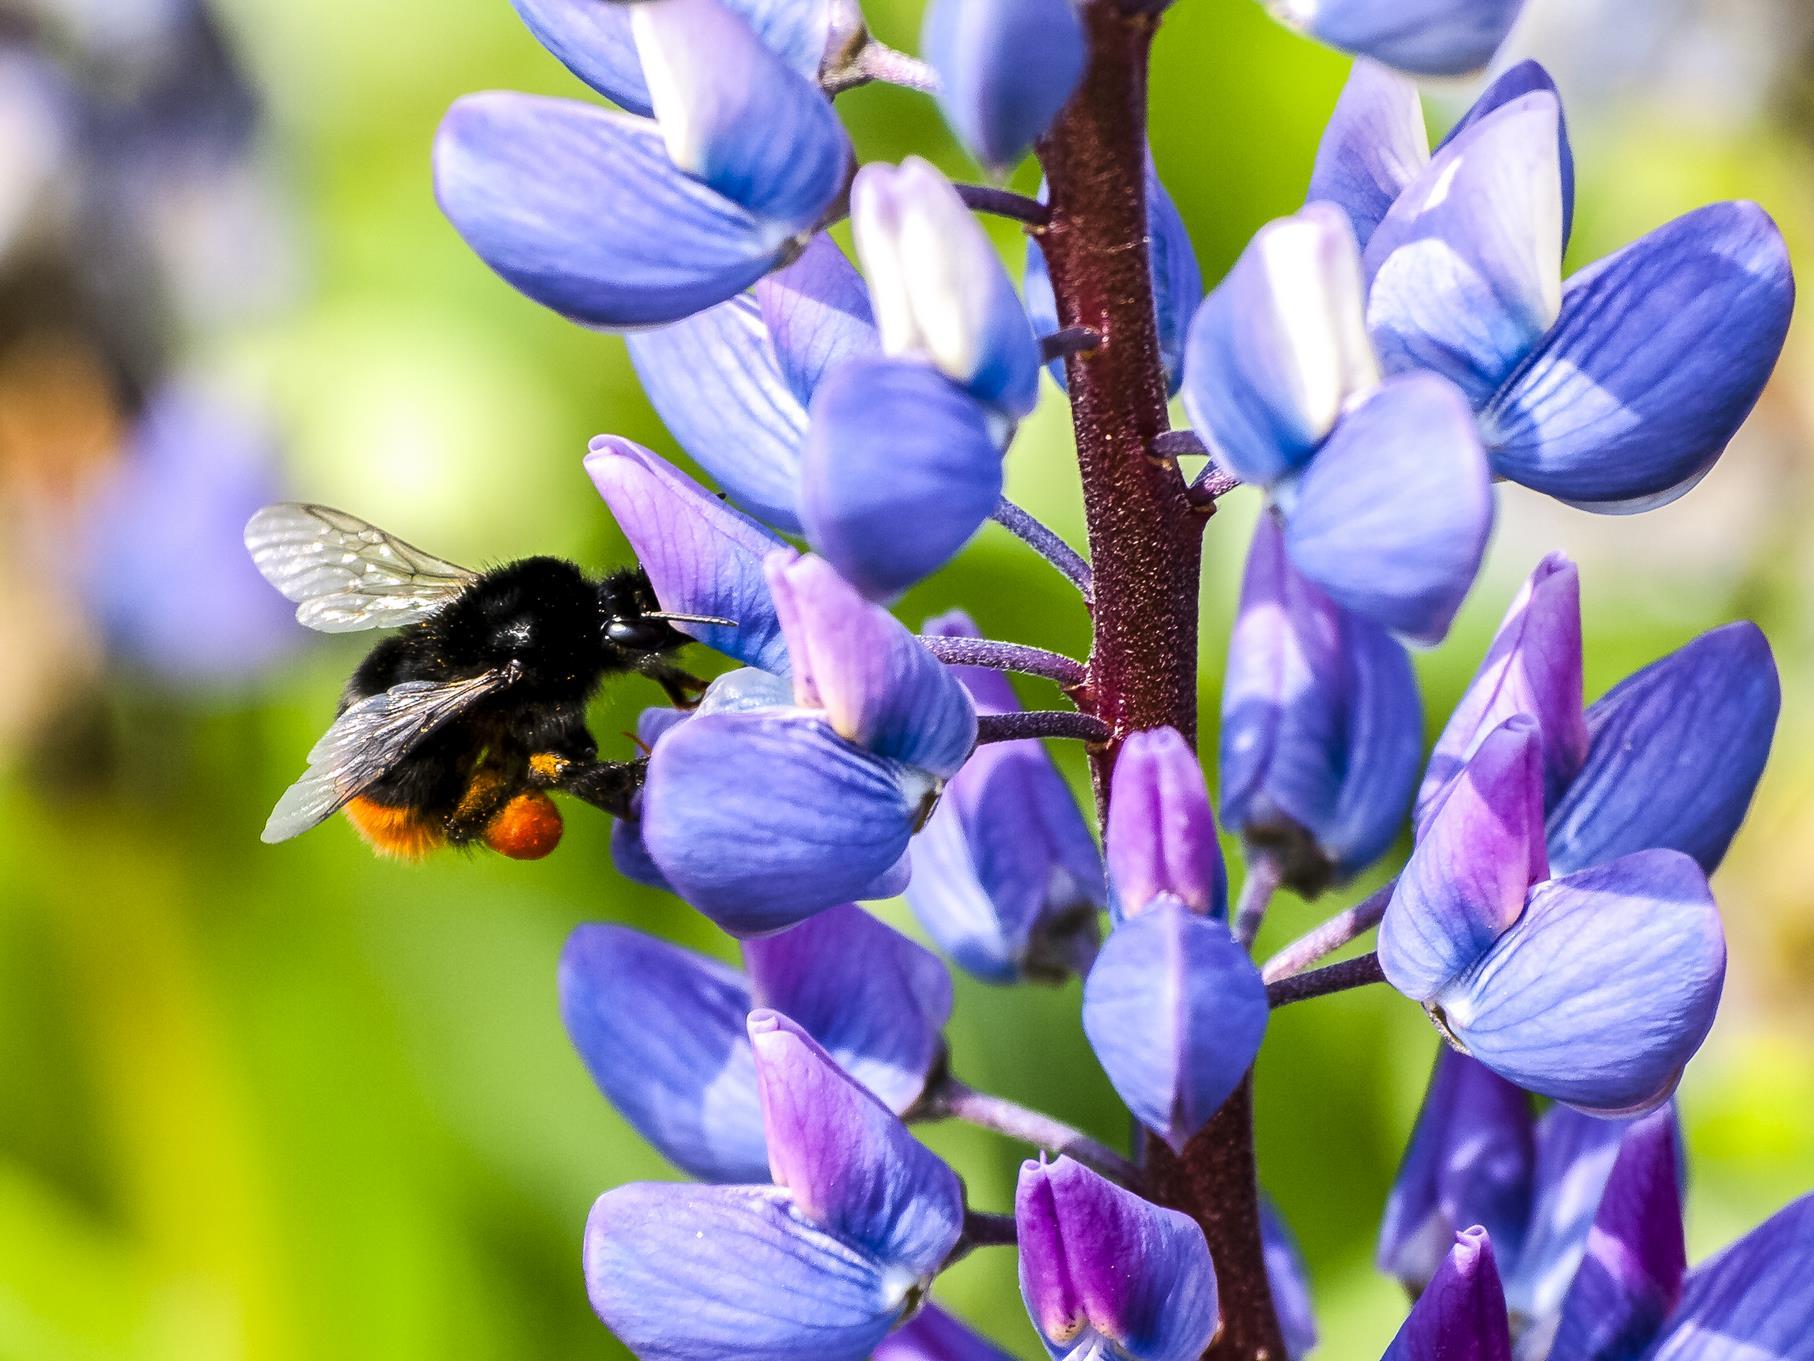 Hummeln sammeln oft Pollen an Lupinen.